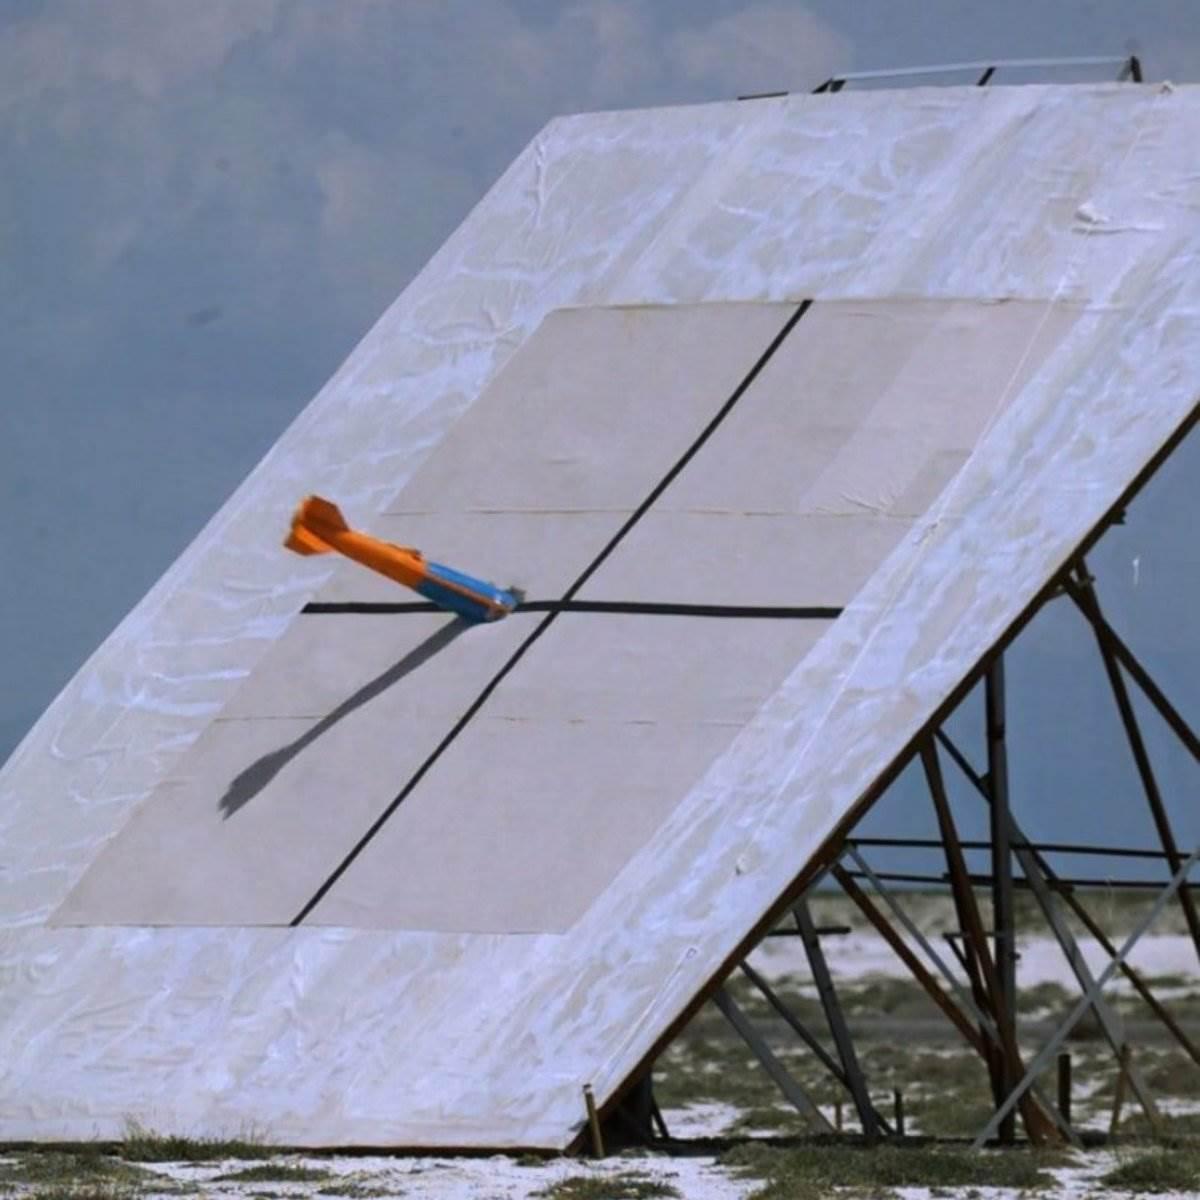 Hava kuvvetlerinin yeni gücü Roketsan üretimi Teber envantere giriyor